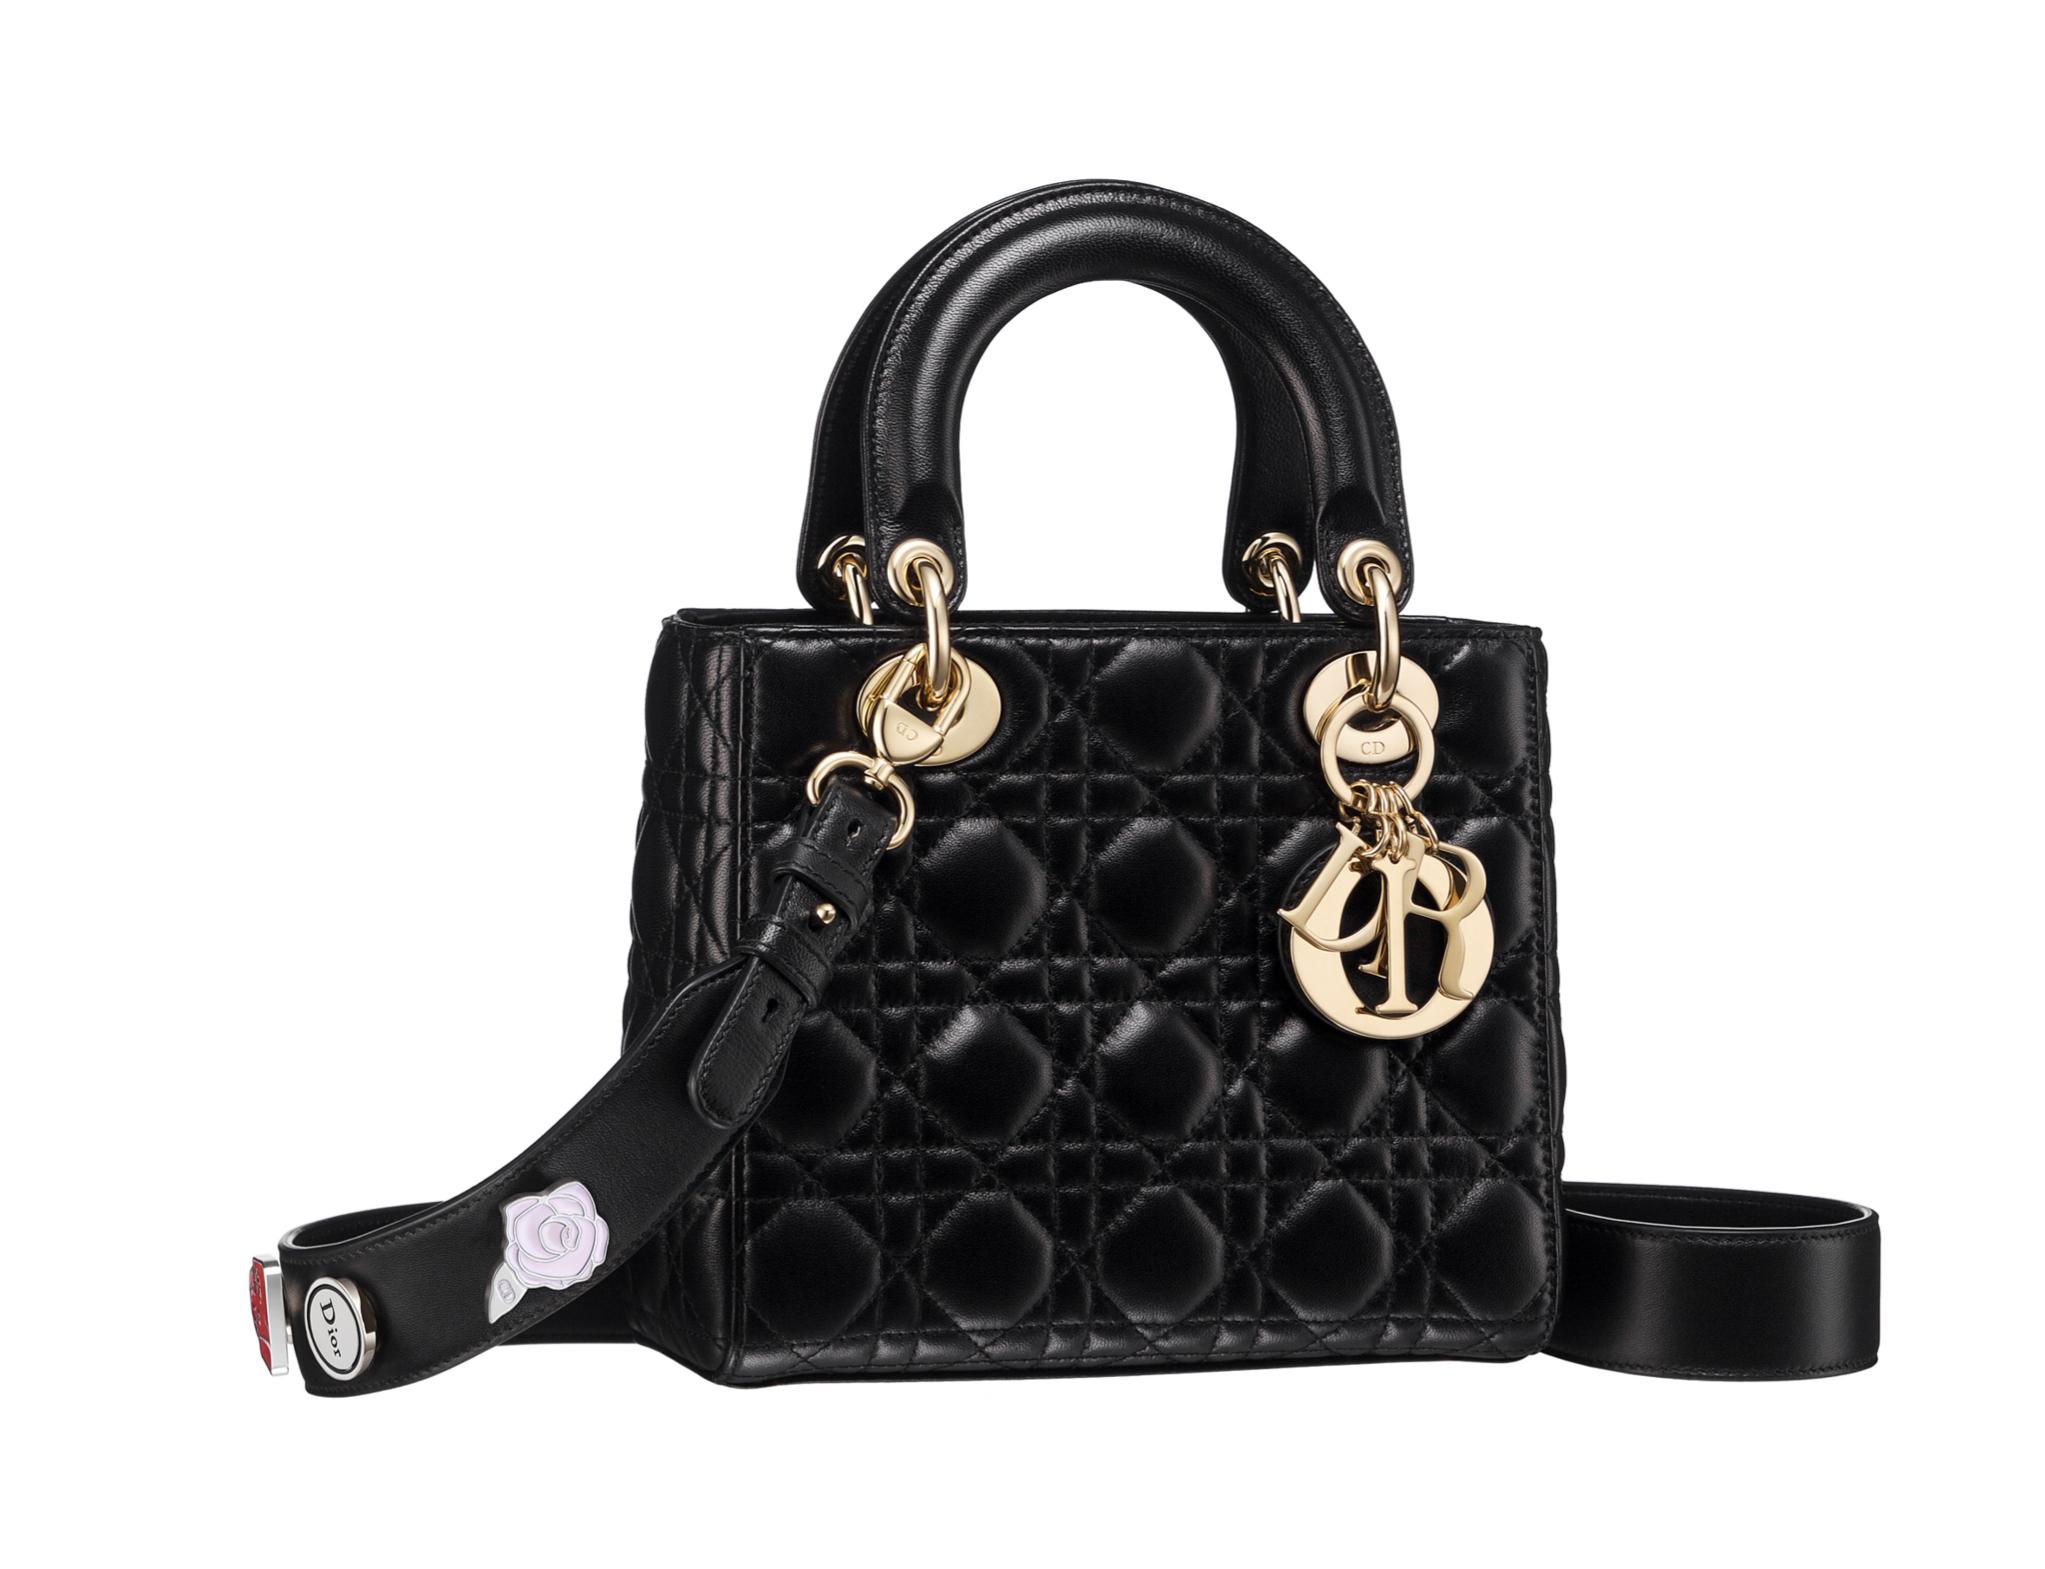 Nuevo Lady Dior de cuero negro brillante con detalles florales y asas...